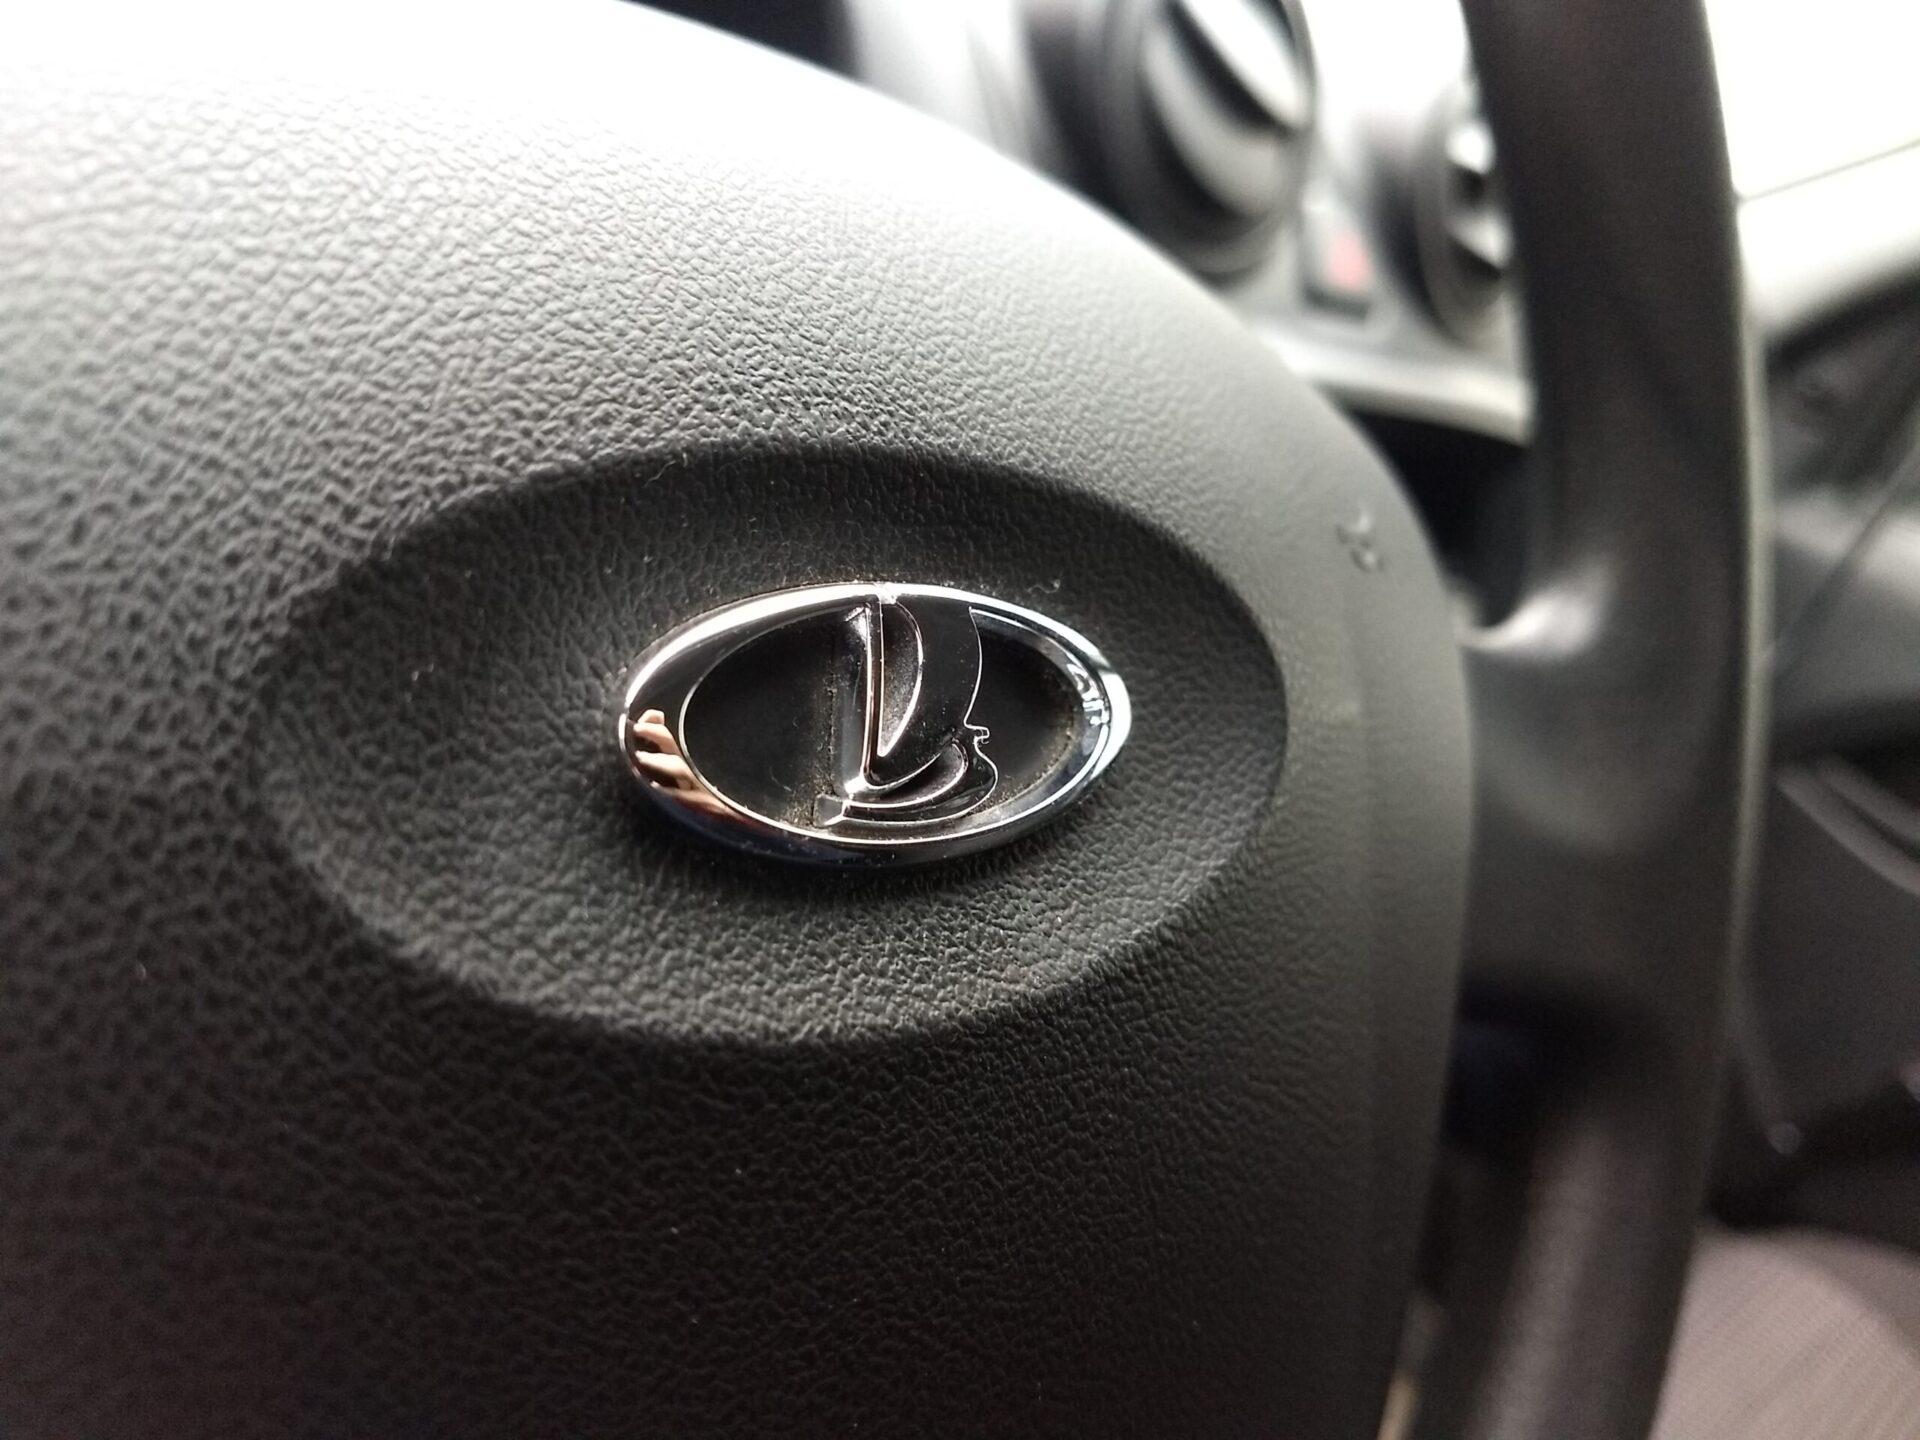 АвтоВАЗ снова повысит цены на автомобили LADA с 1 июля 2021 года